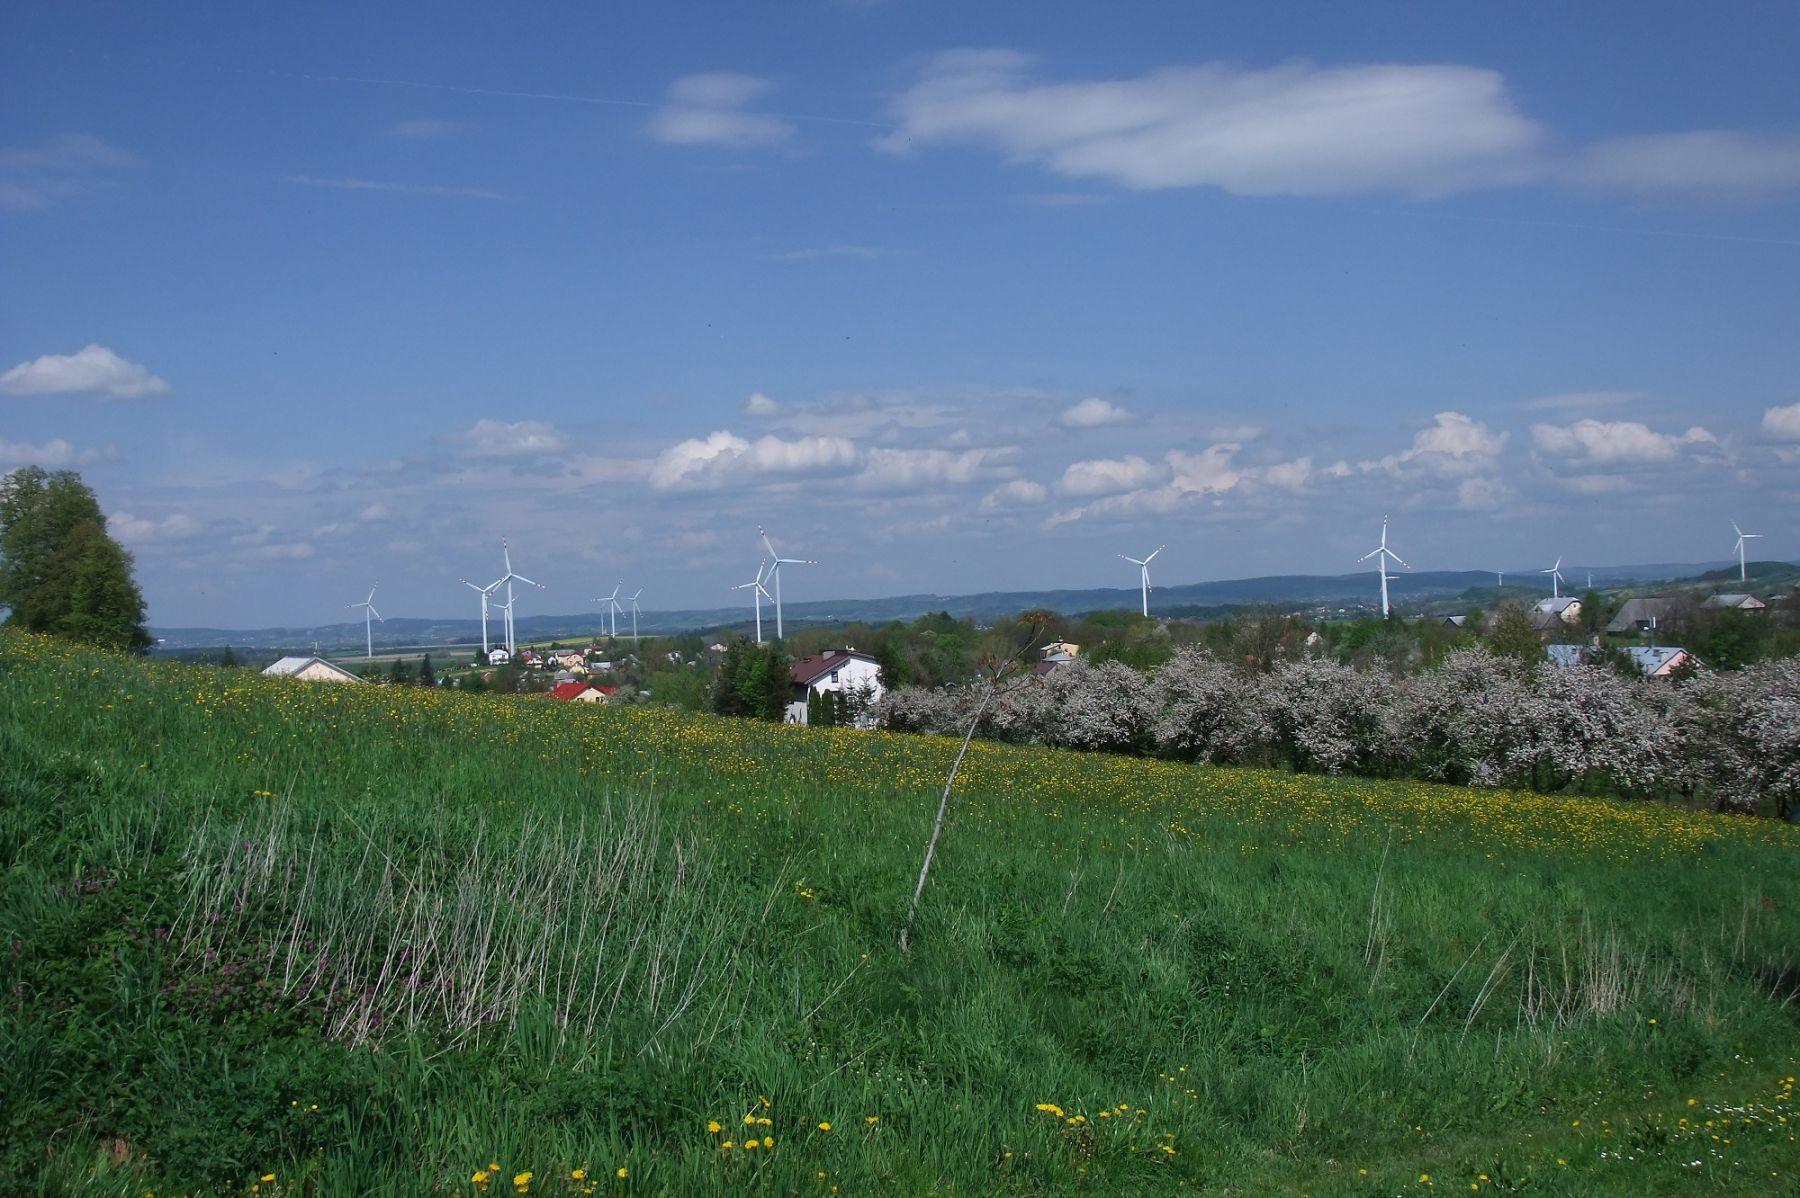 Klimkówka widok na wieś i wiatraki